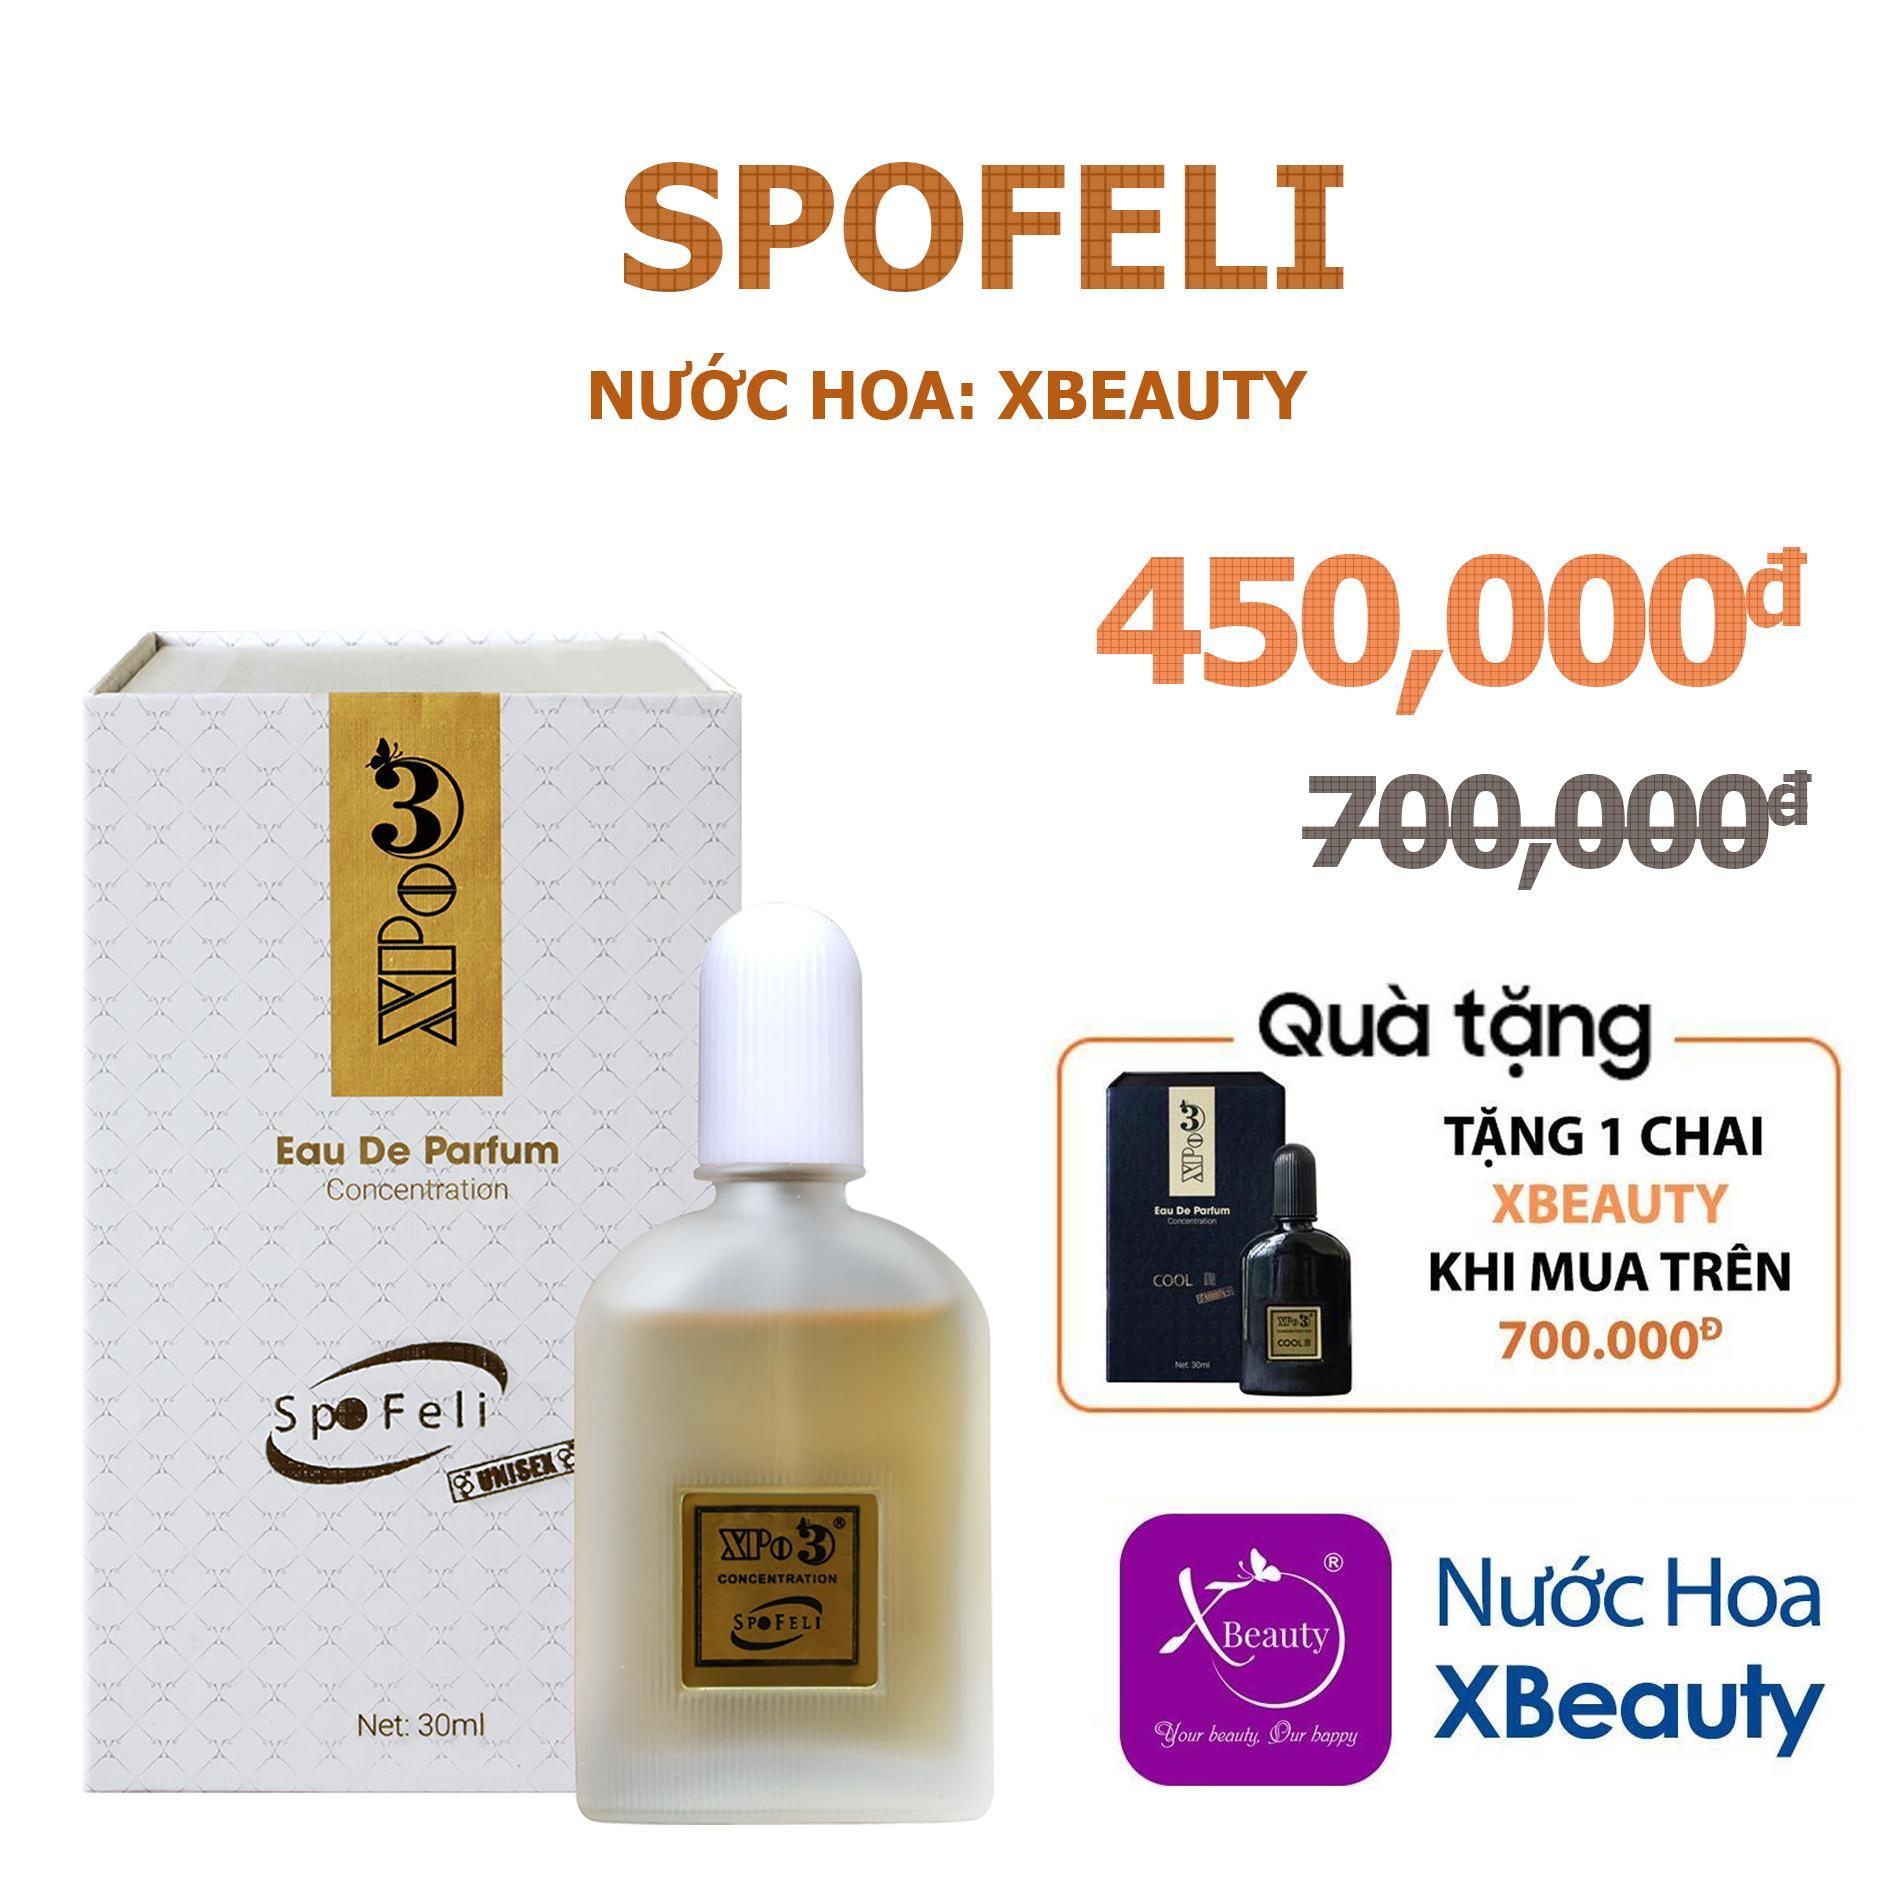 Nước hoa Nam Nữ XBeauty XPo3 Spofeli 30ml (GTIN: 8938511722055). Nước hoa cô đặc thơm lâu dành cho Nam & Nữ (Unisex)